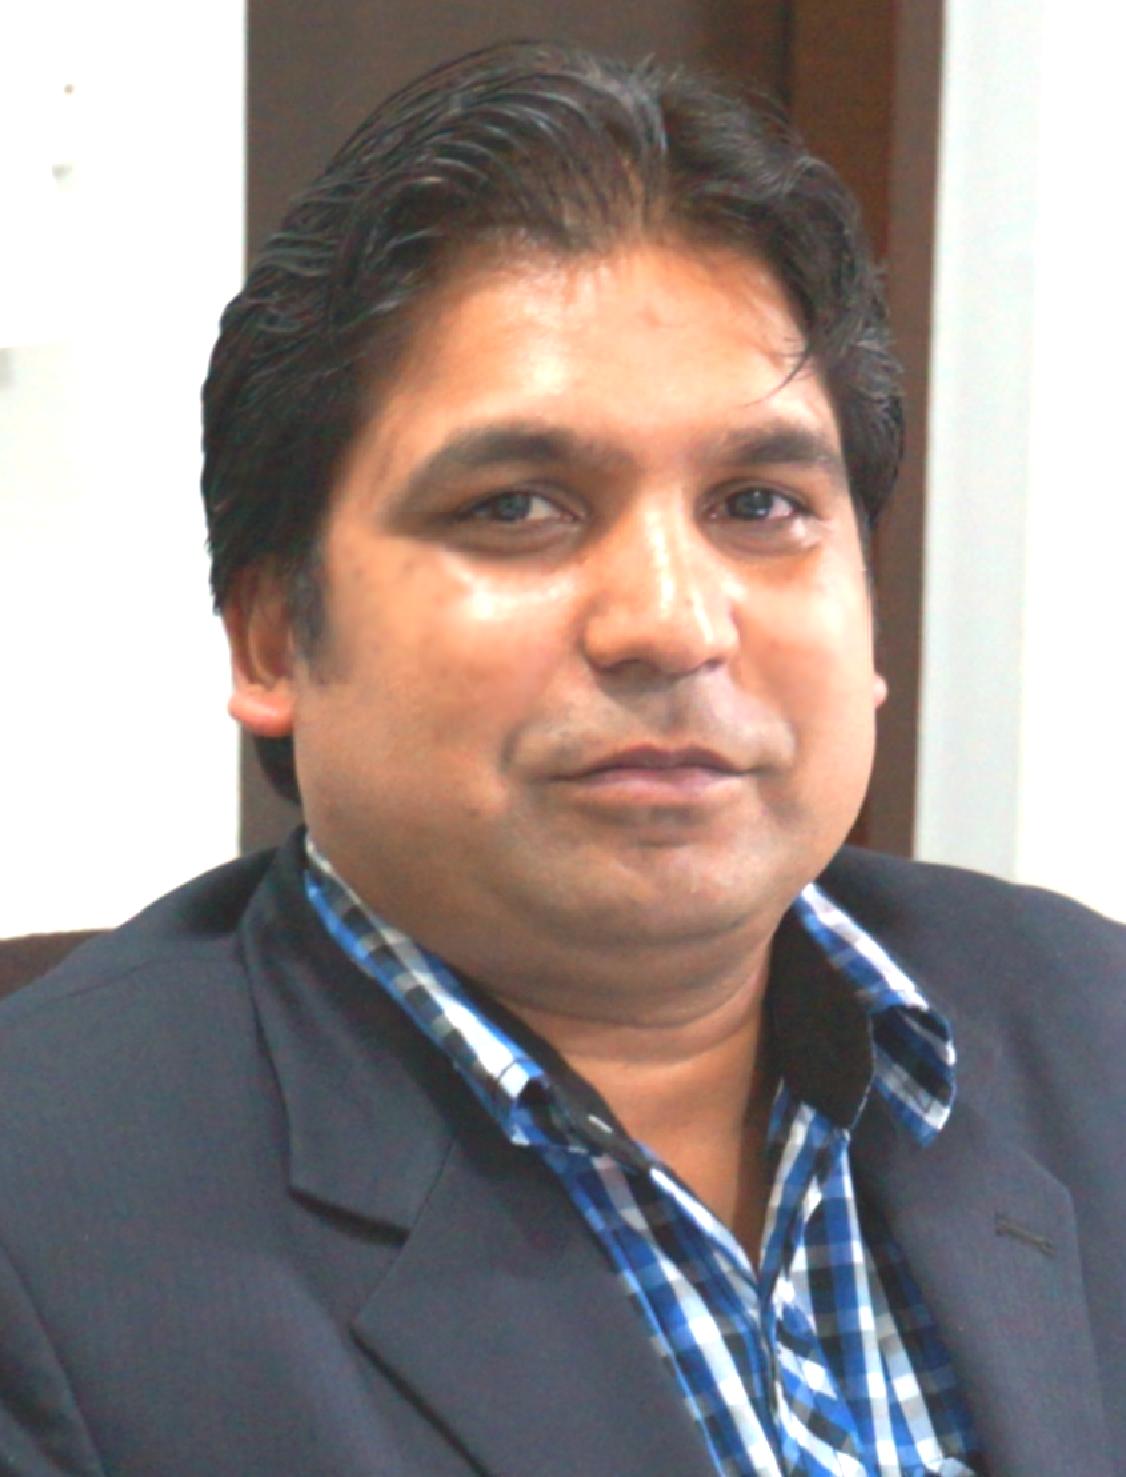 Mr. Amjad